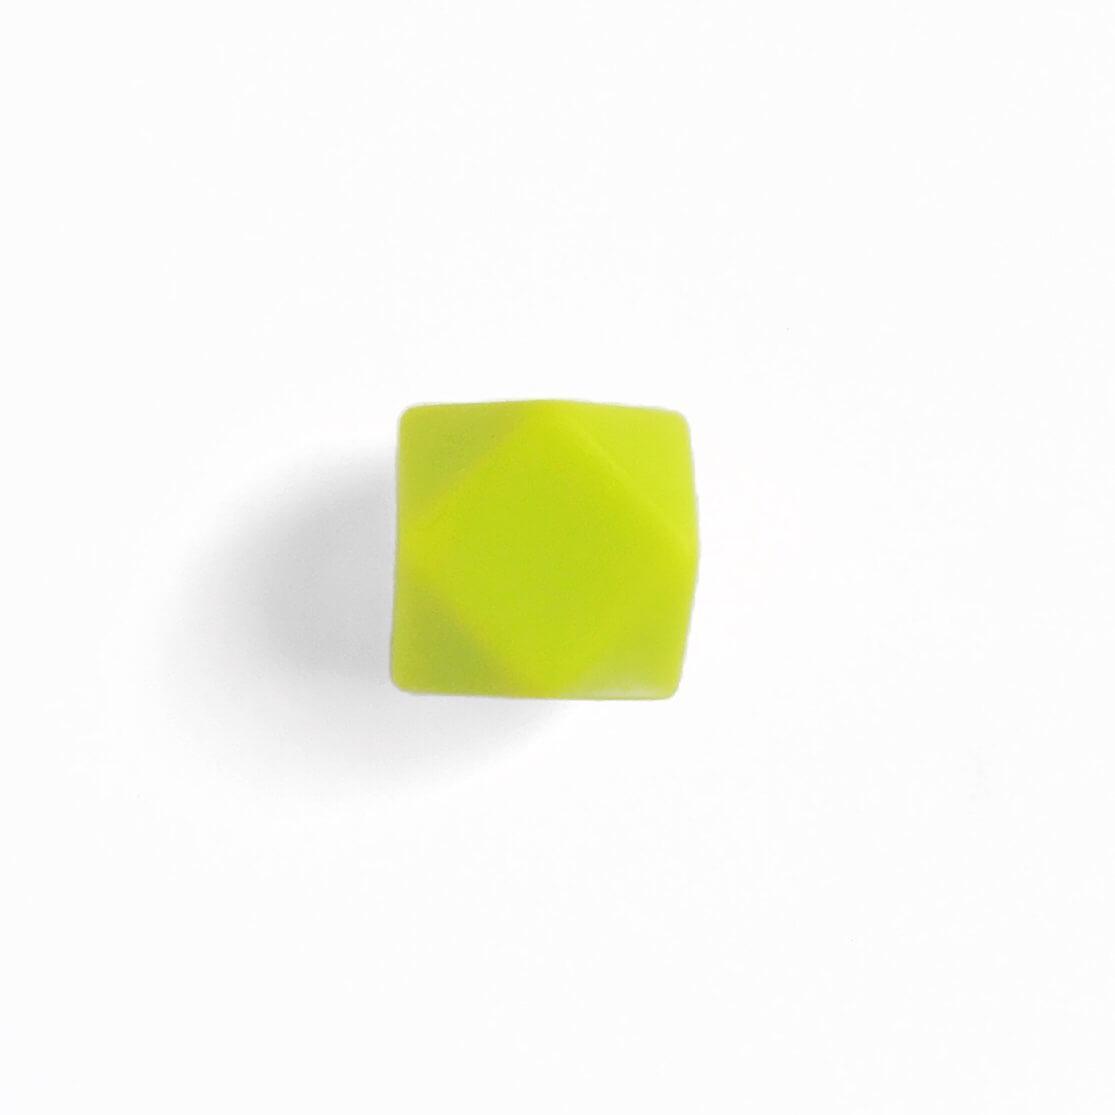 МИНИ гексагон (салатовый) 14мм, силиконовая бусина